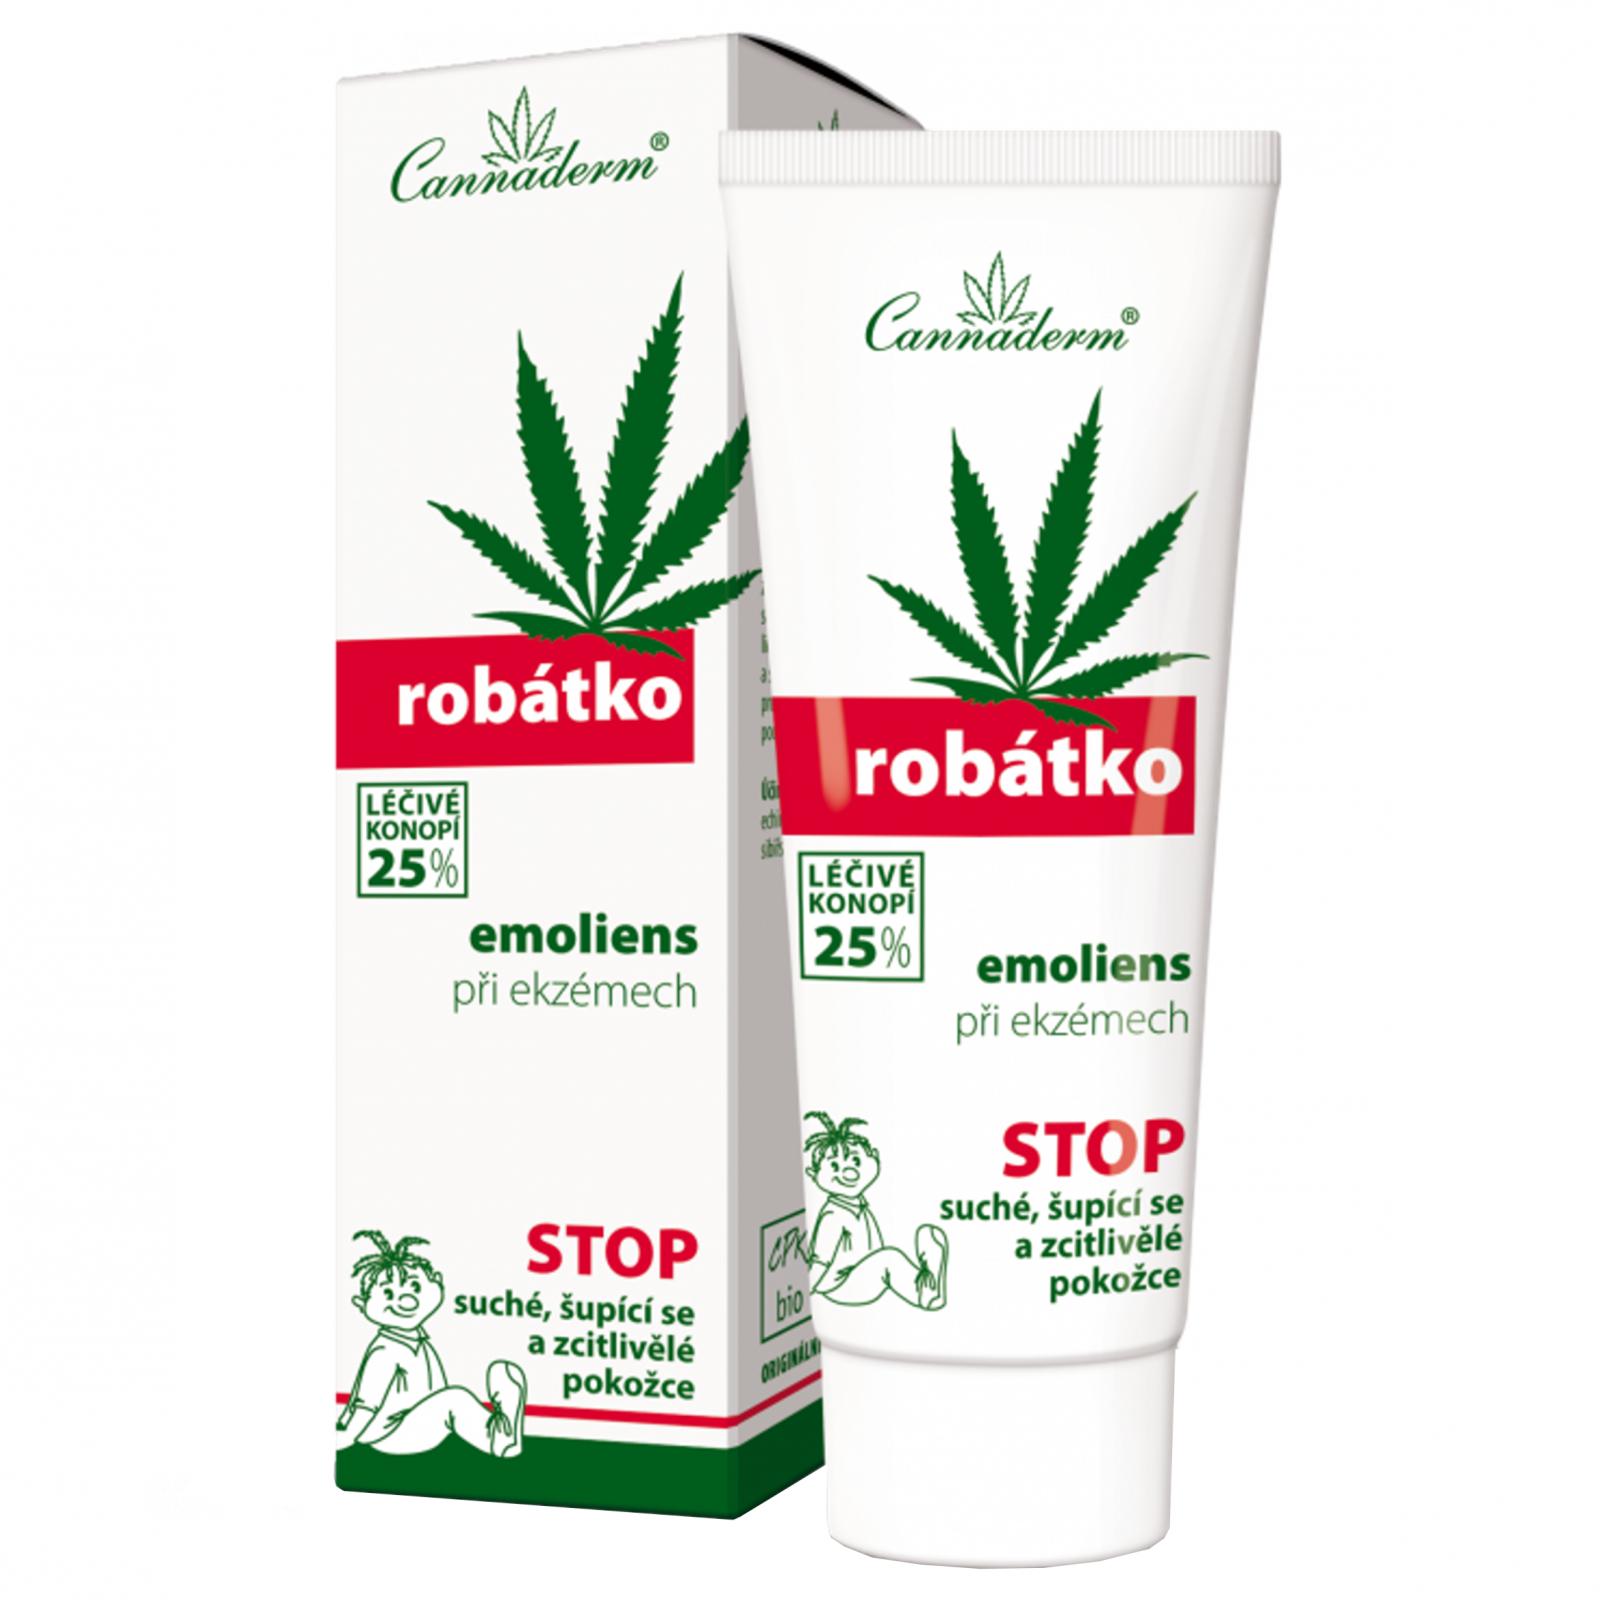 Cannaderm Robátko - promazávací emoliens při atopii 75 g krabička